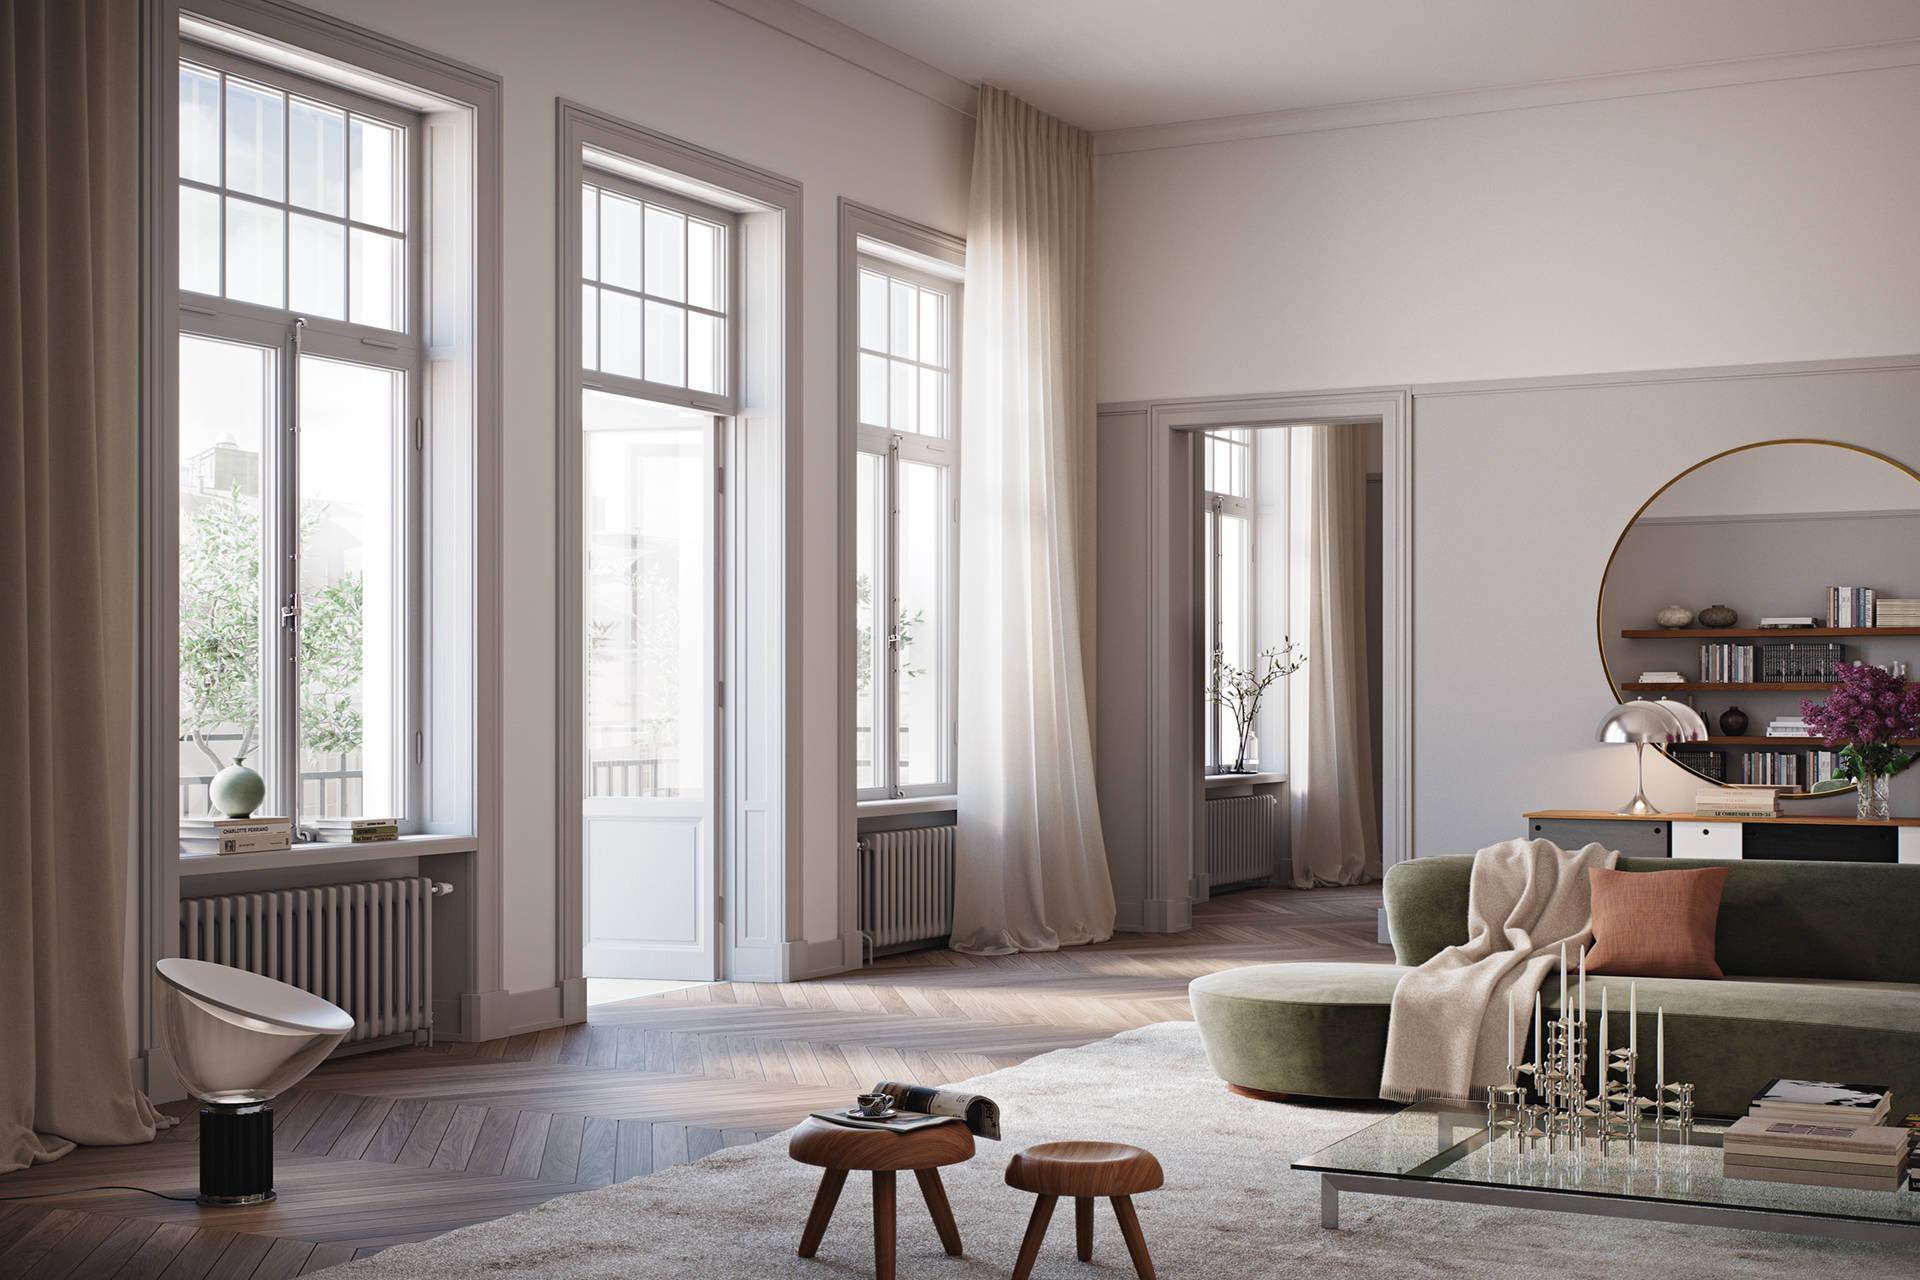 Arredare casa in stile scandinavo trucchi e consigli for Case di stile